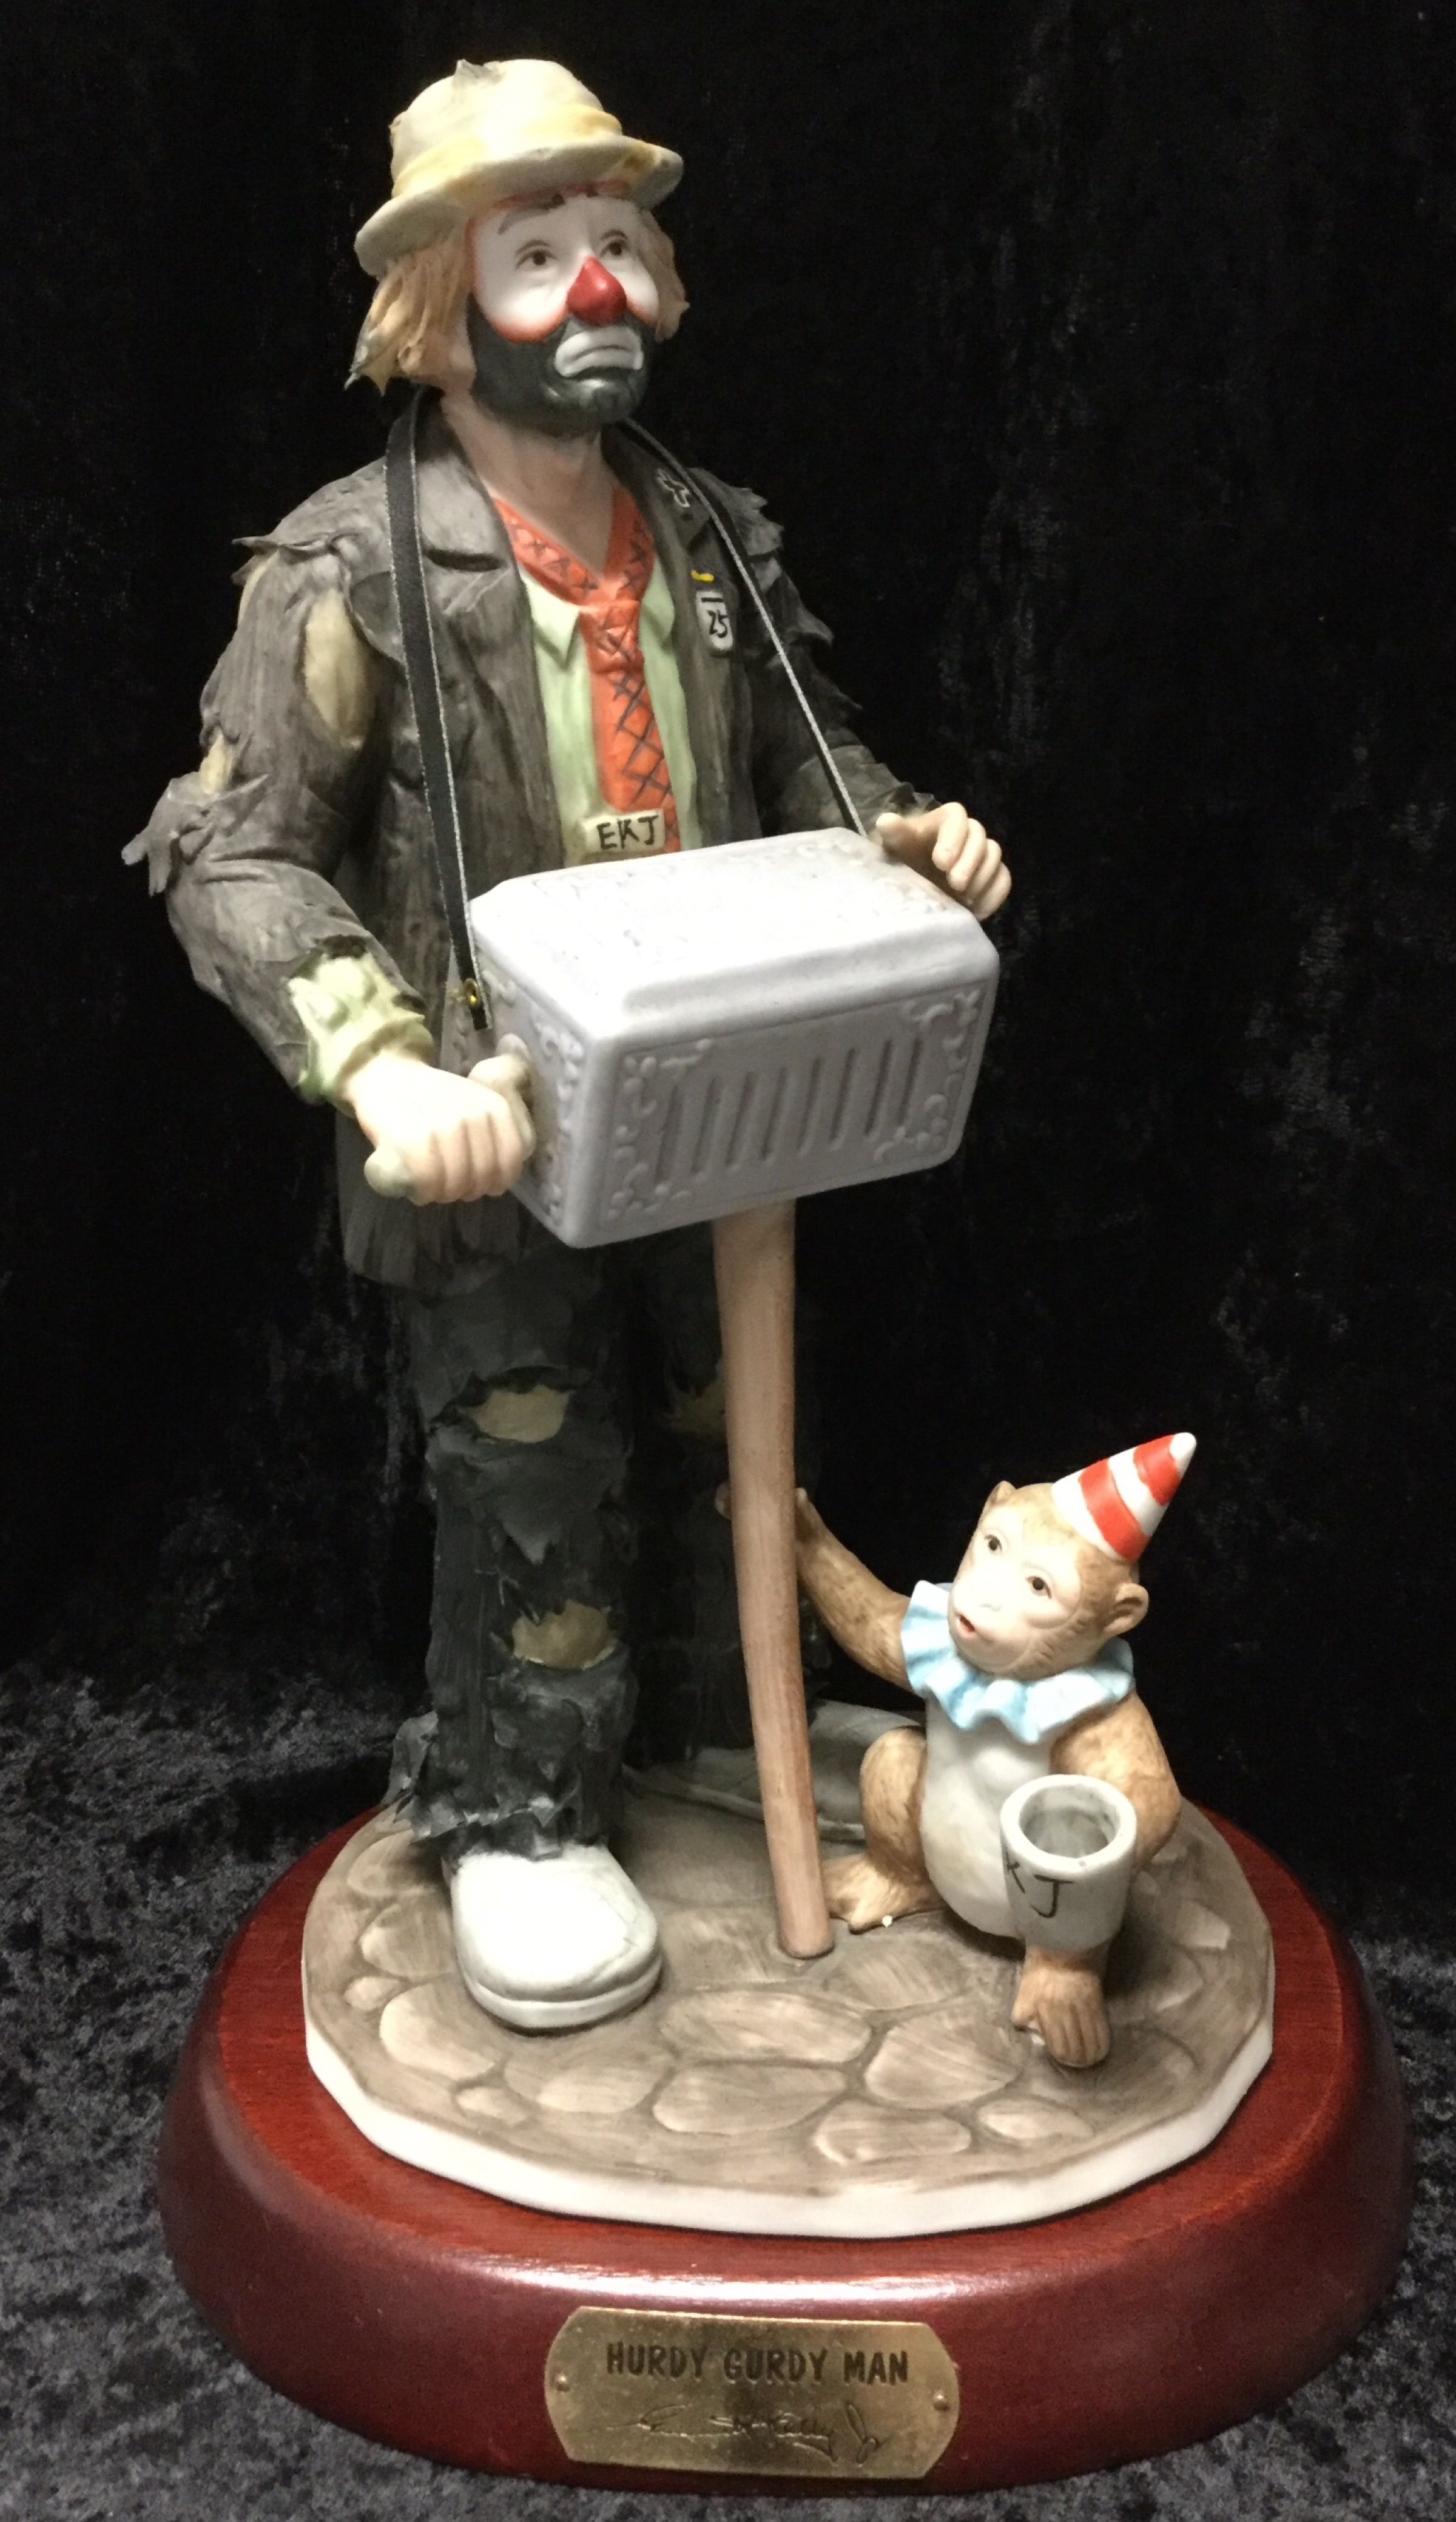 5a0b5fb4f6b92 Flambro Emmett Kelly Jr Clown Hurdy Gurdy Man Figurine & Base W/Box ...